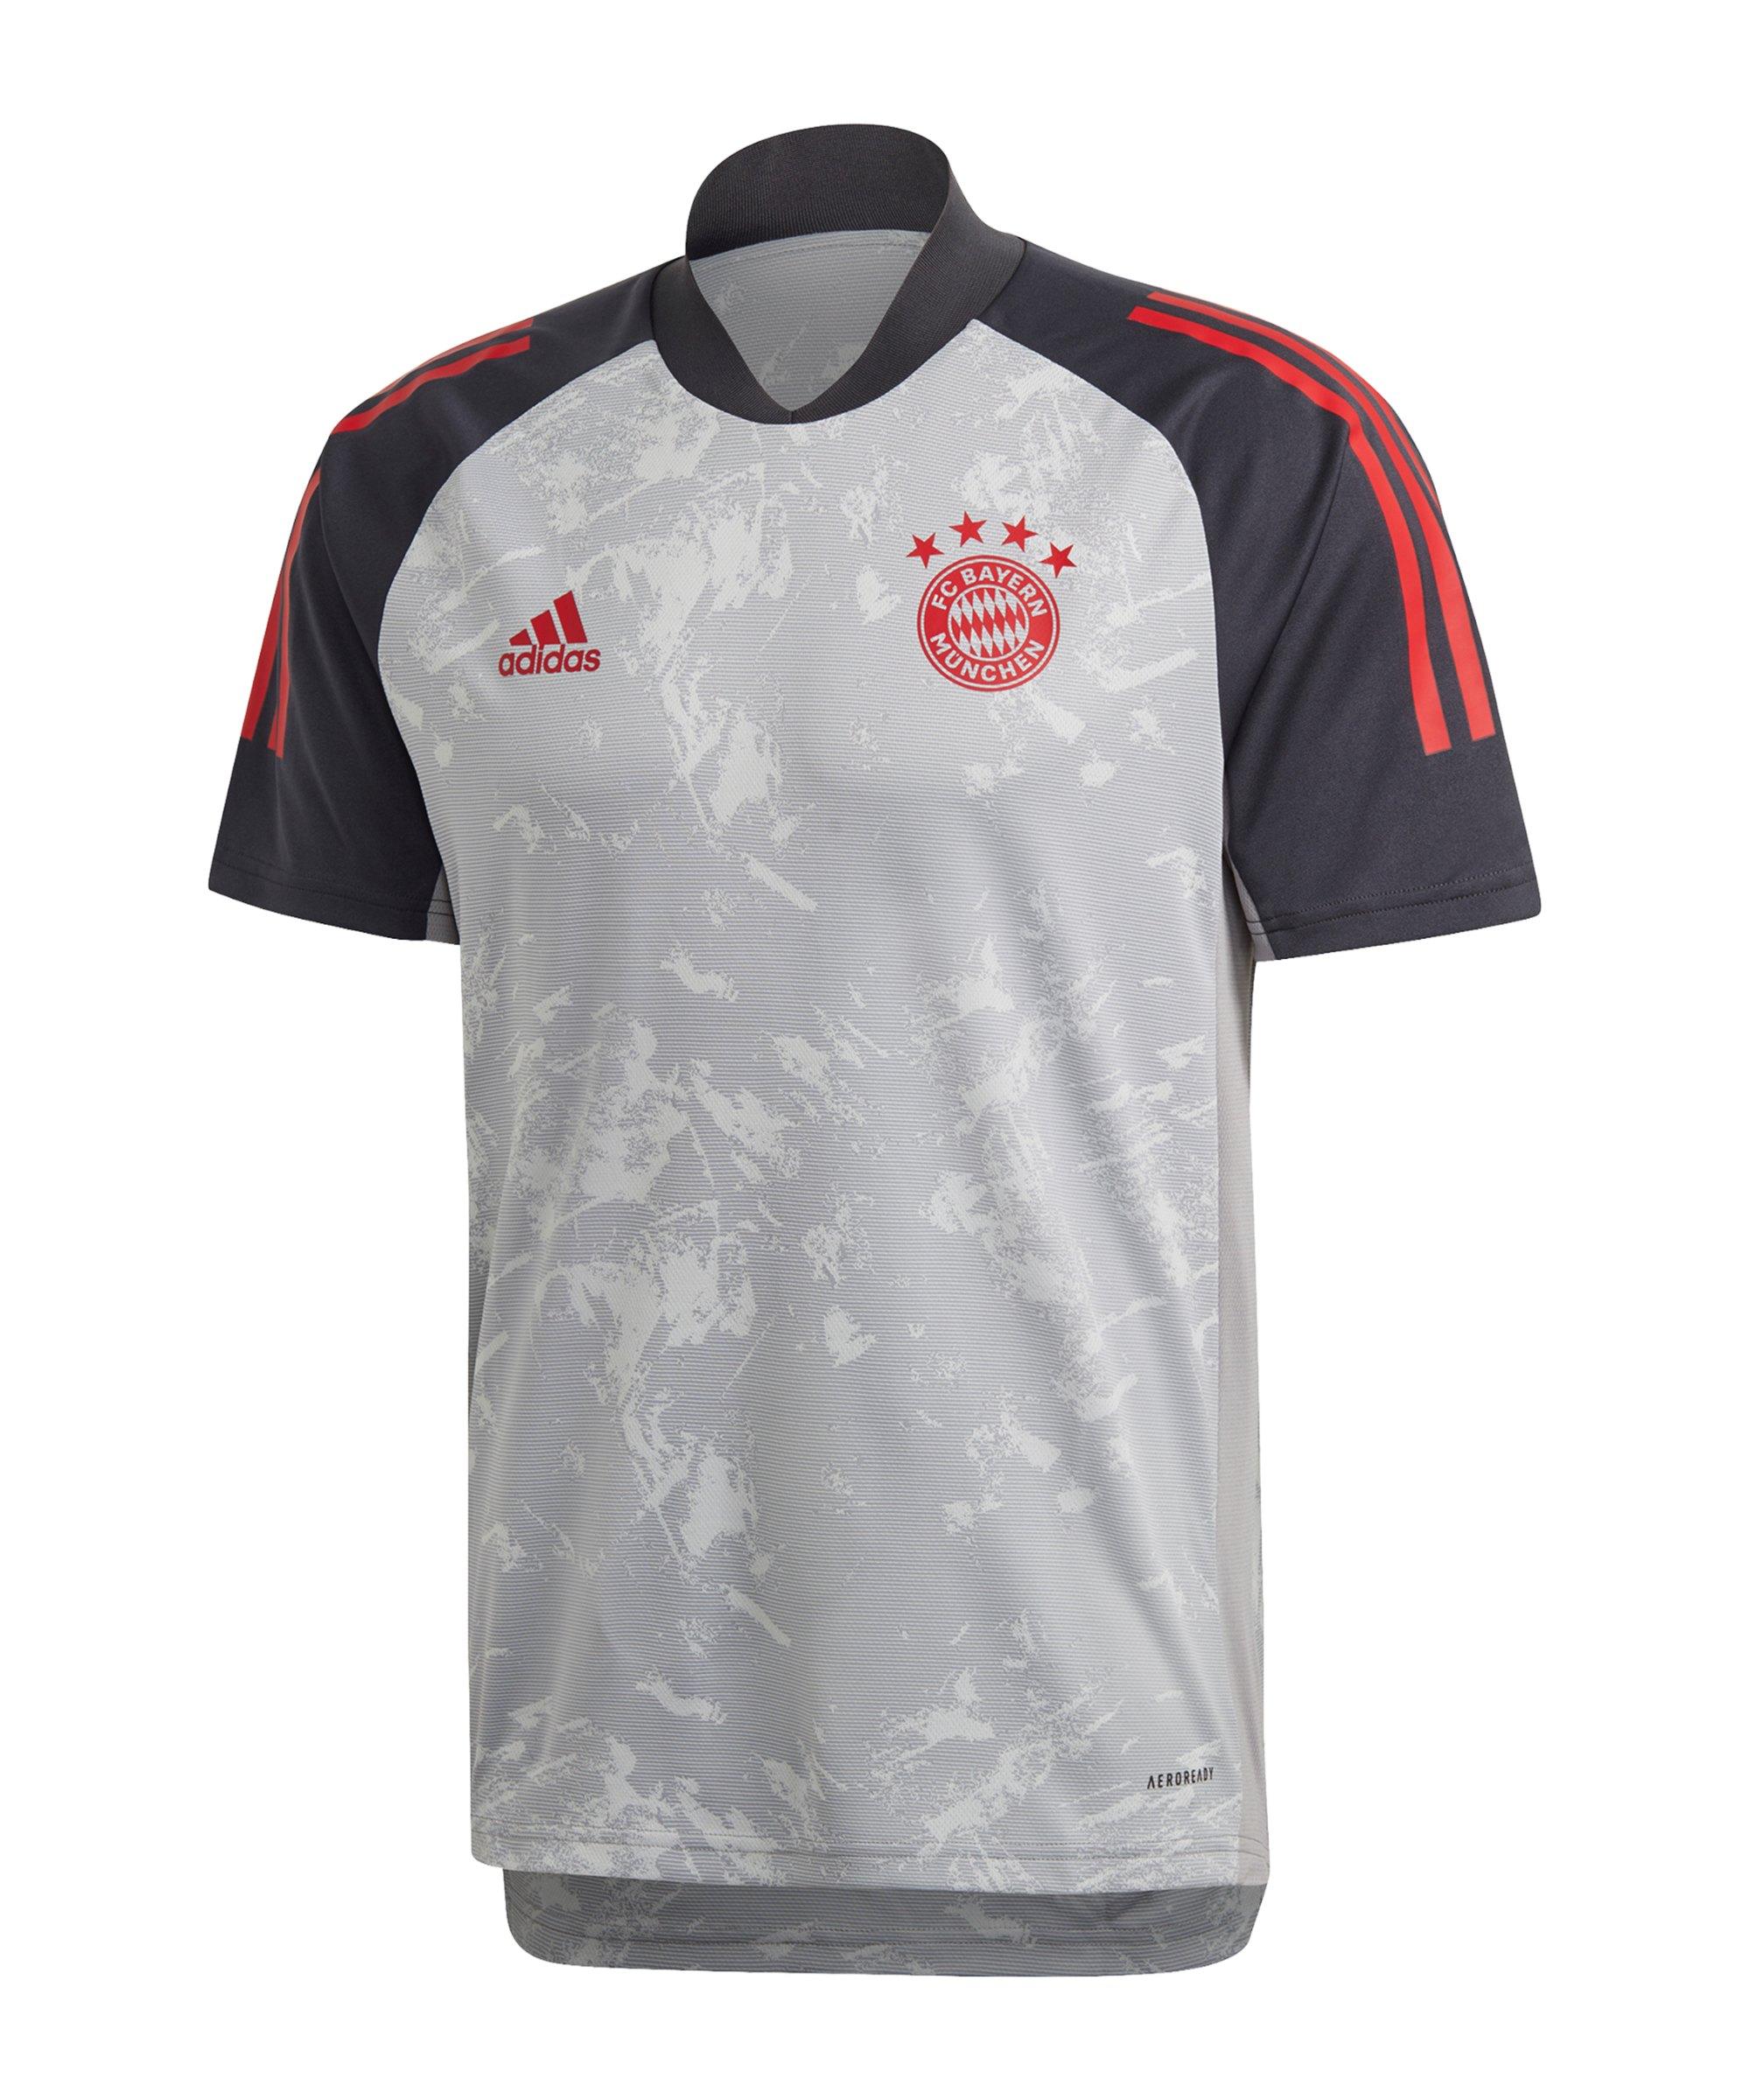 adidas FC Bayern München UCL Trainingsshirt Grau - grau